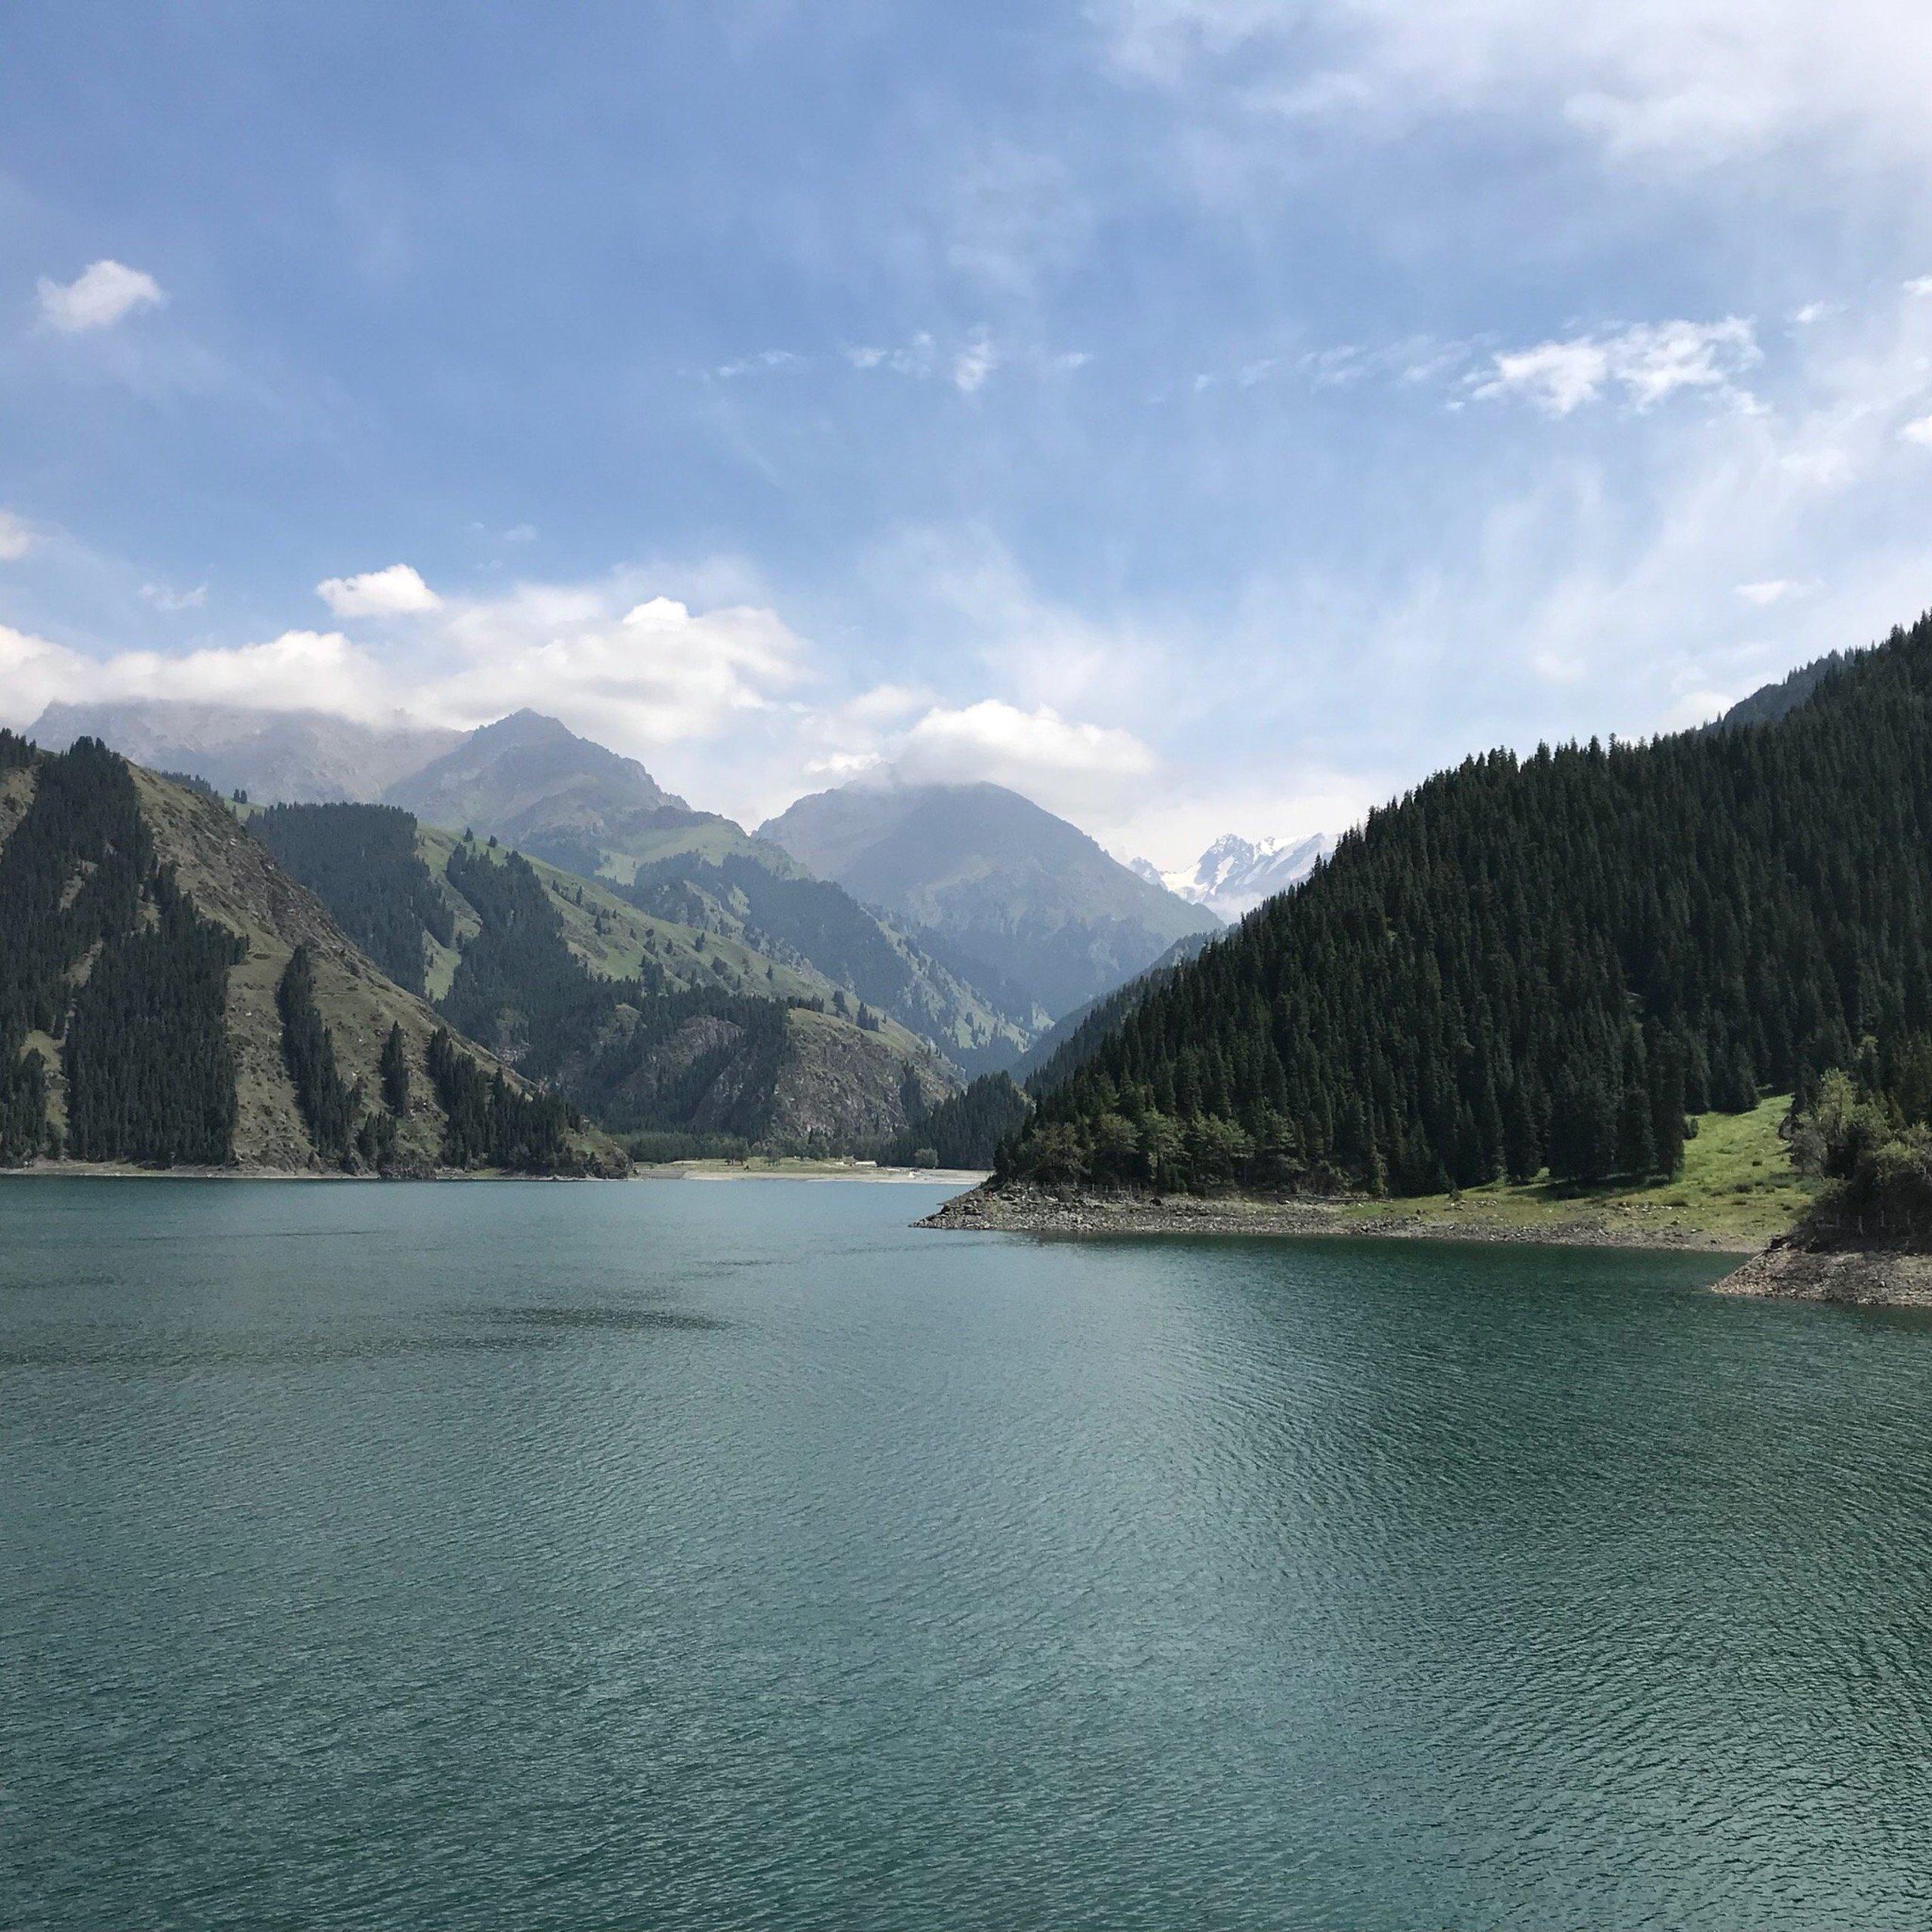 新絳県 旅行・観光ガイド 2020年 - トリップアドバイザー